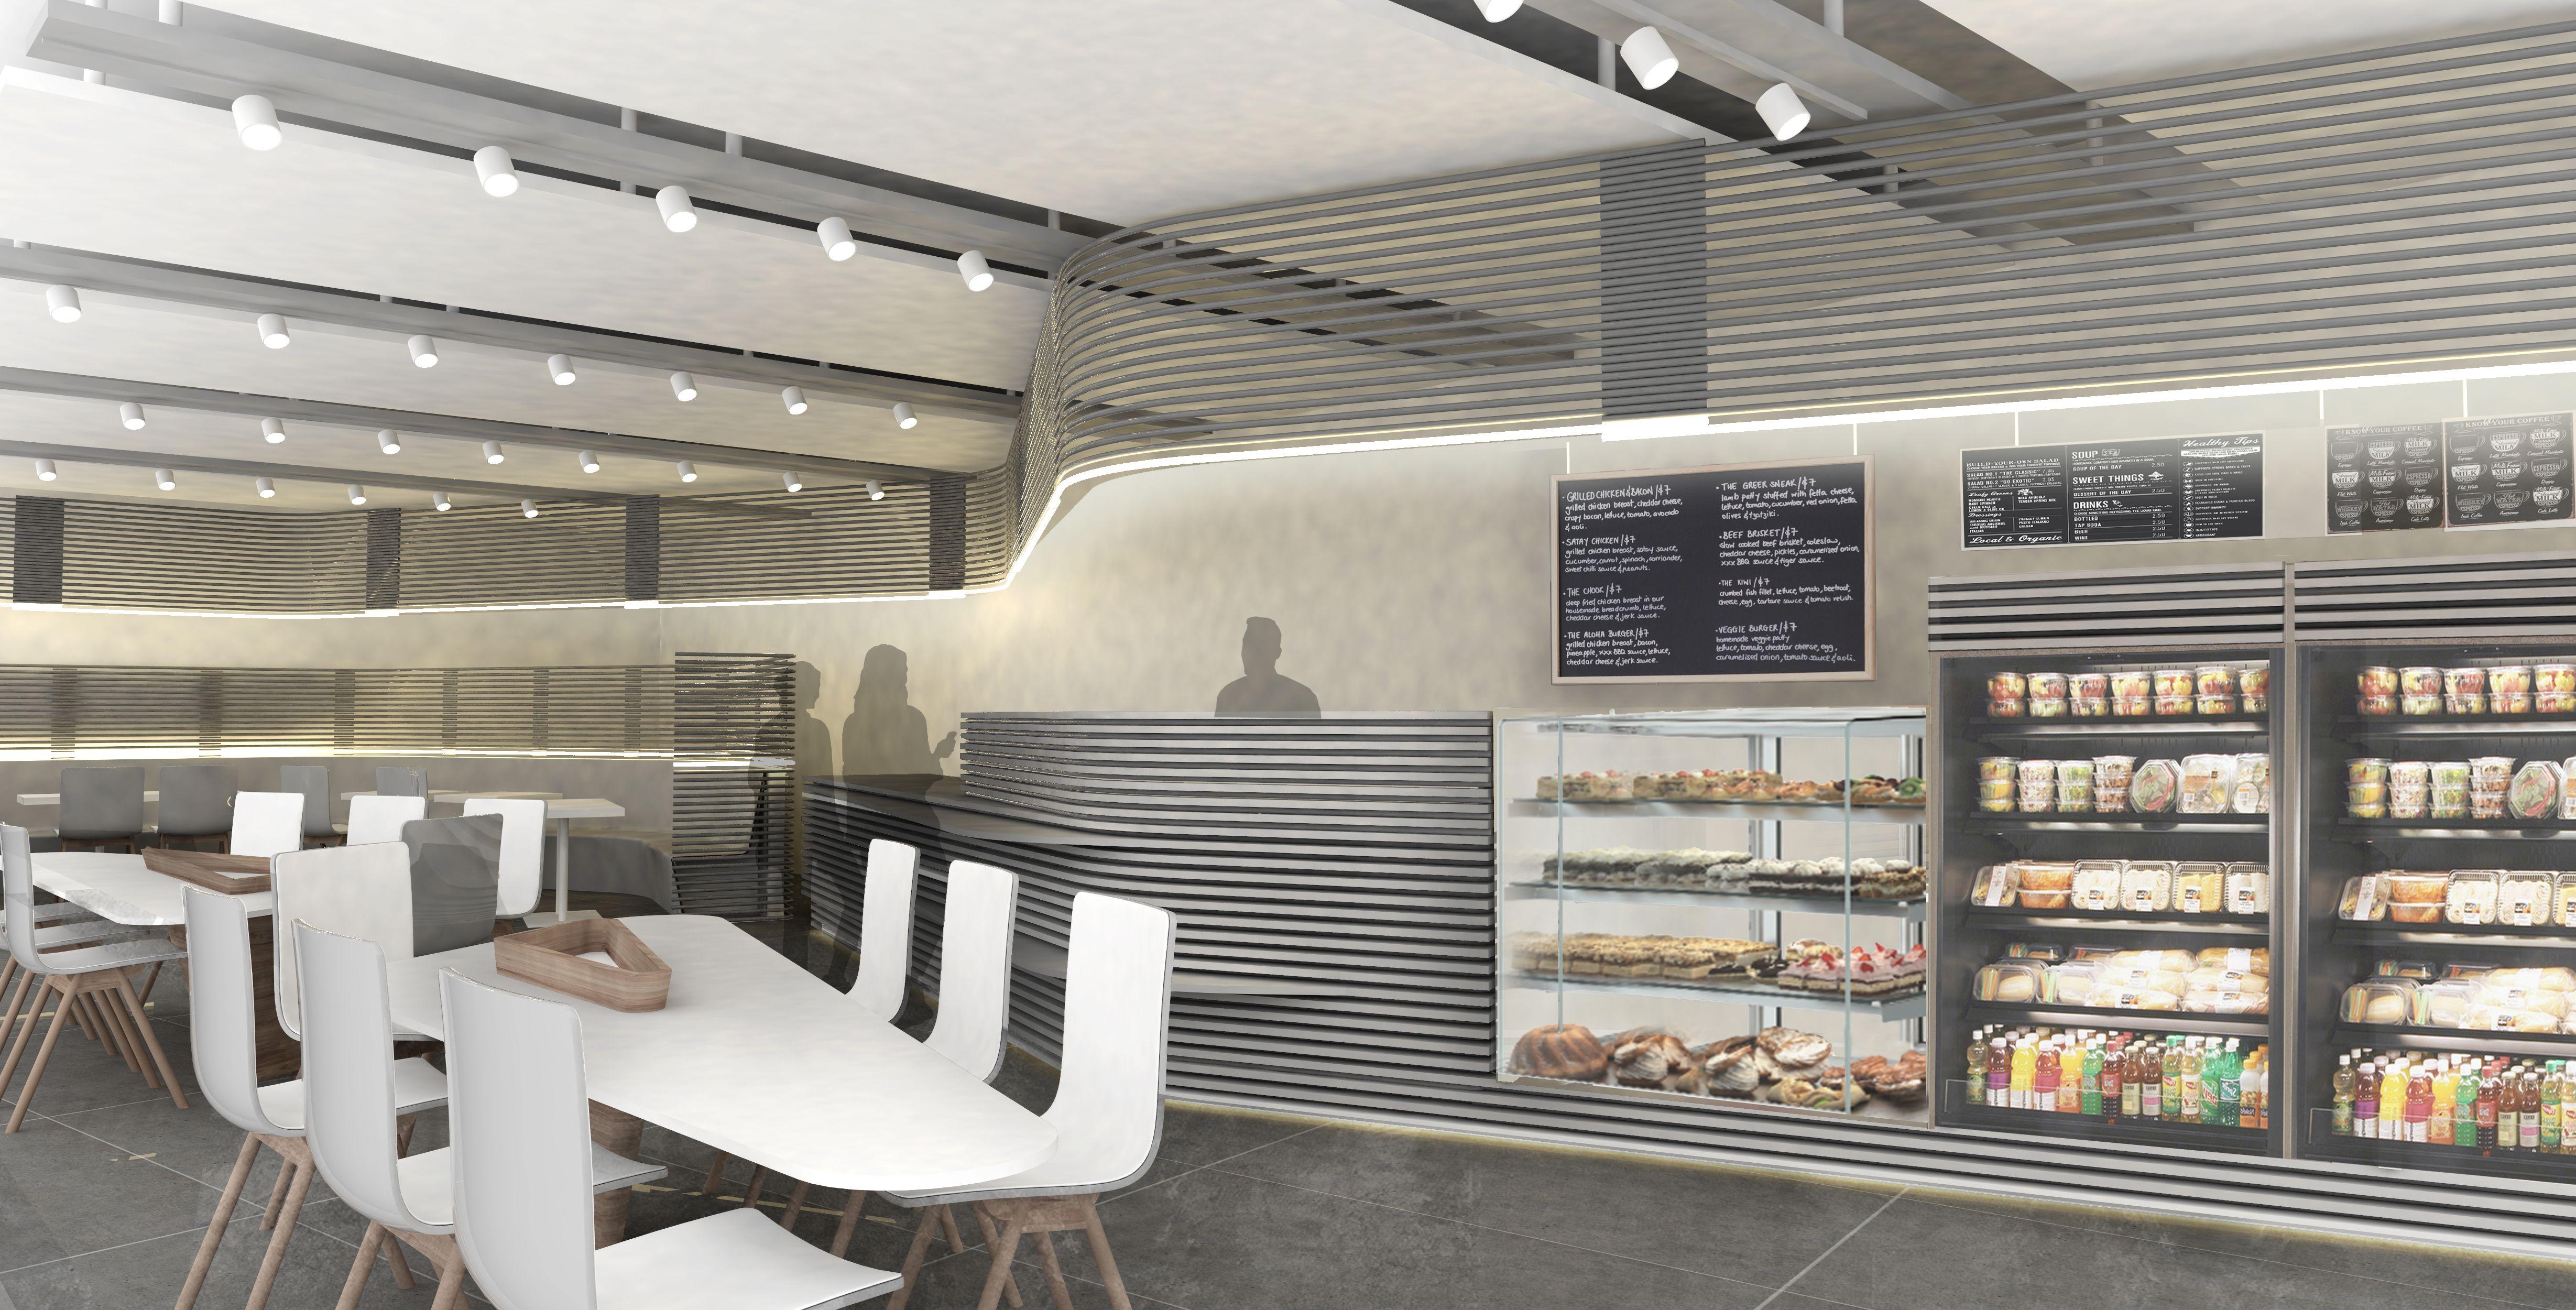 Anom cafe architectural design by alhumaidhi architects coffeeshop modern moderndesign modernliving kuwait lights also rh pinterest